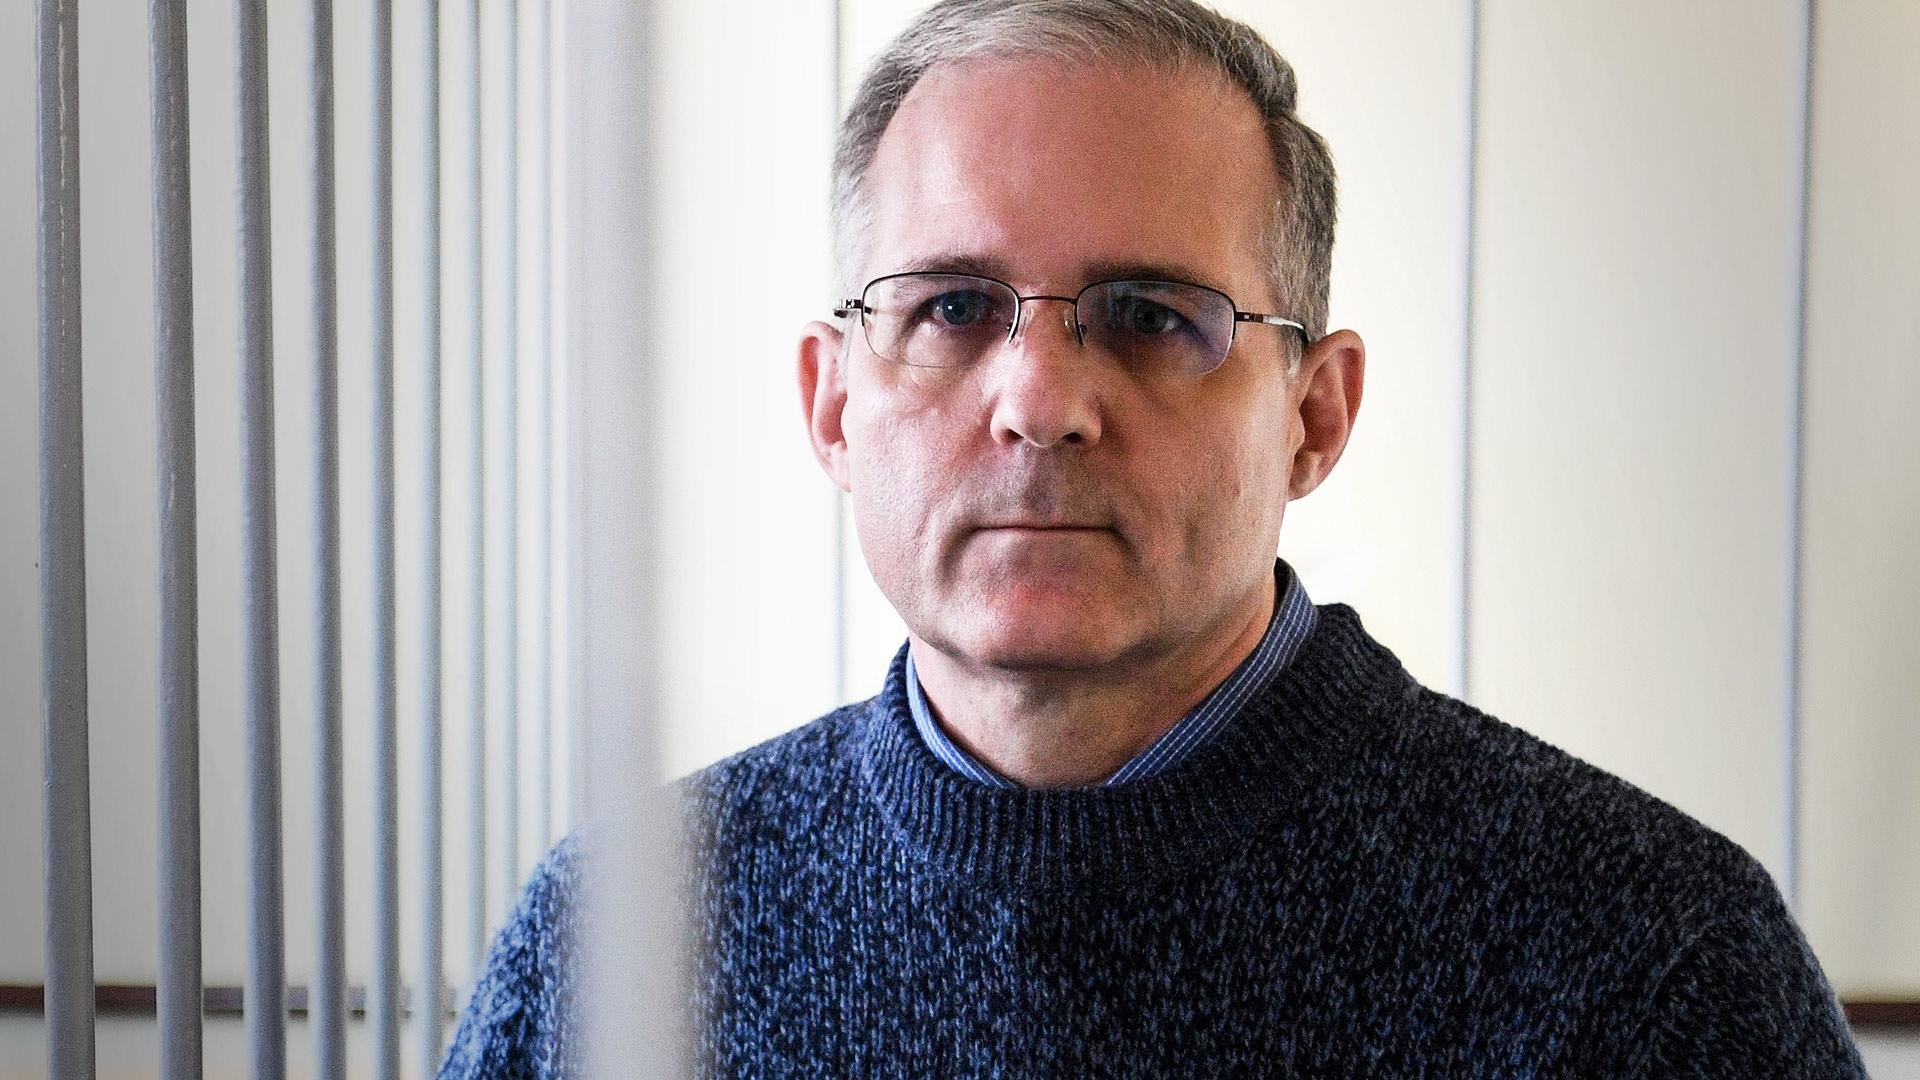 Pol Vilan